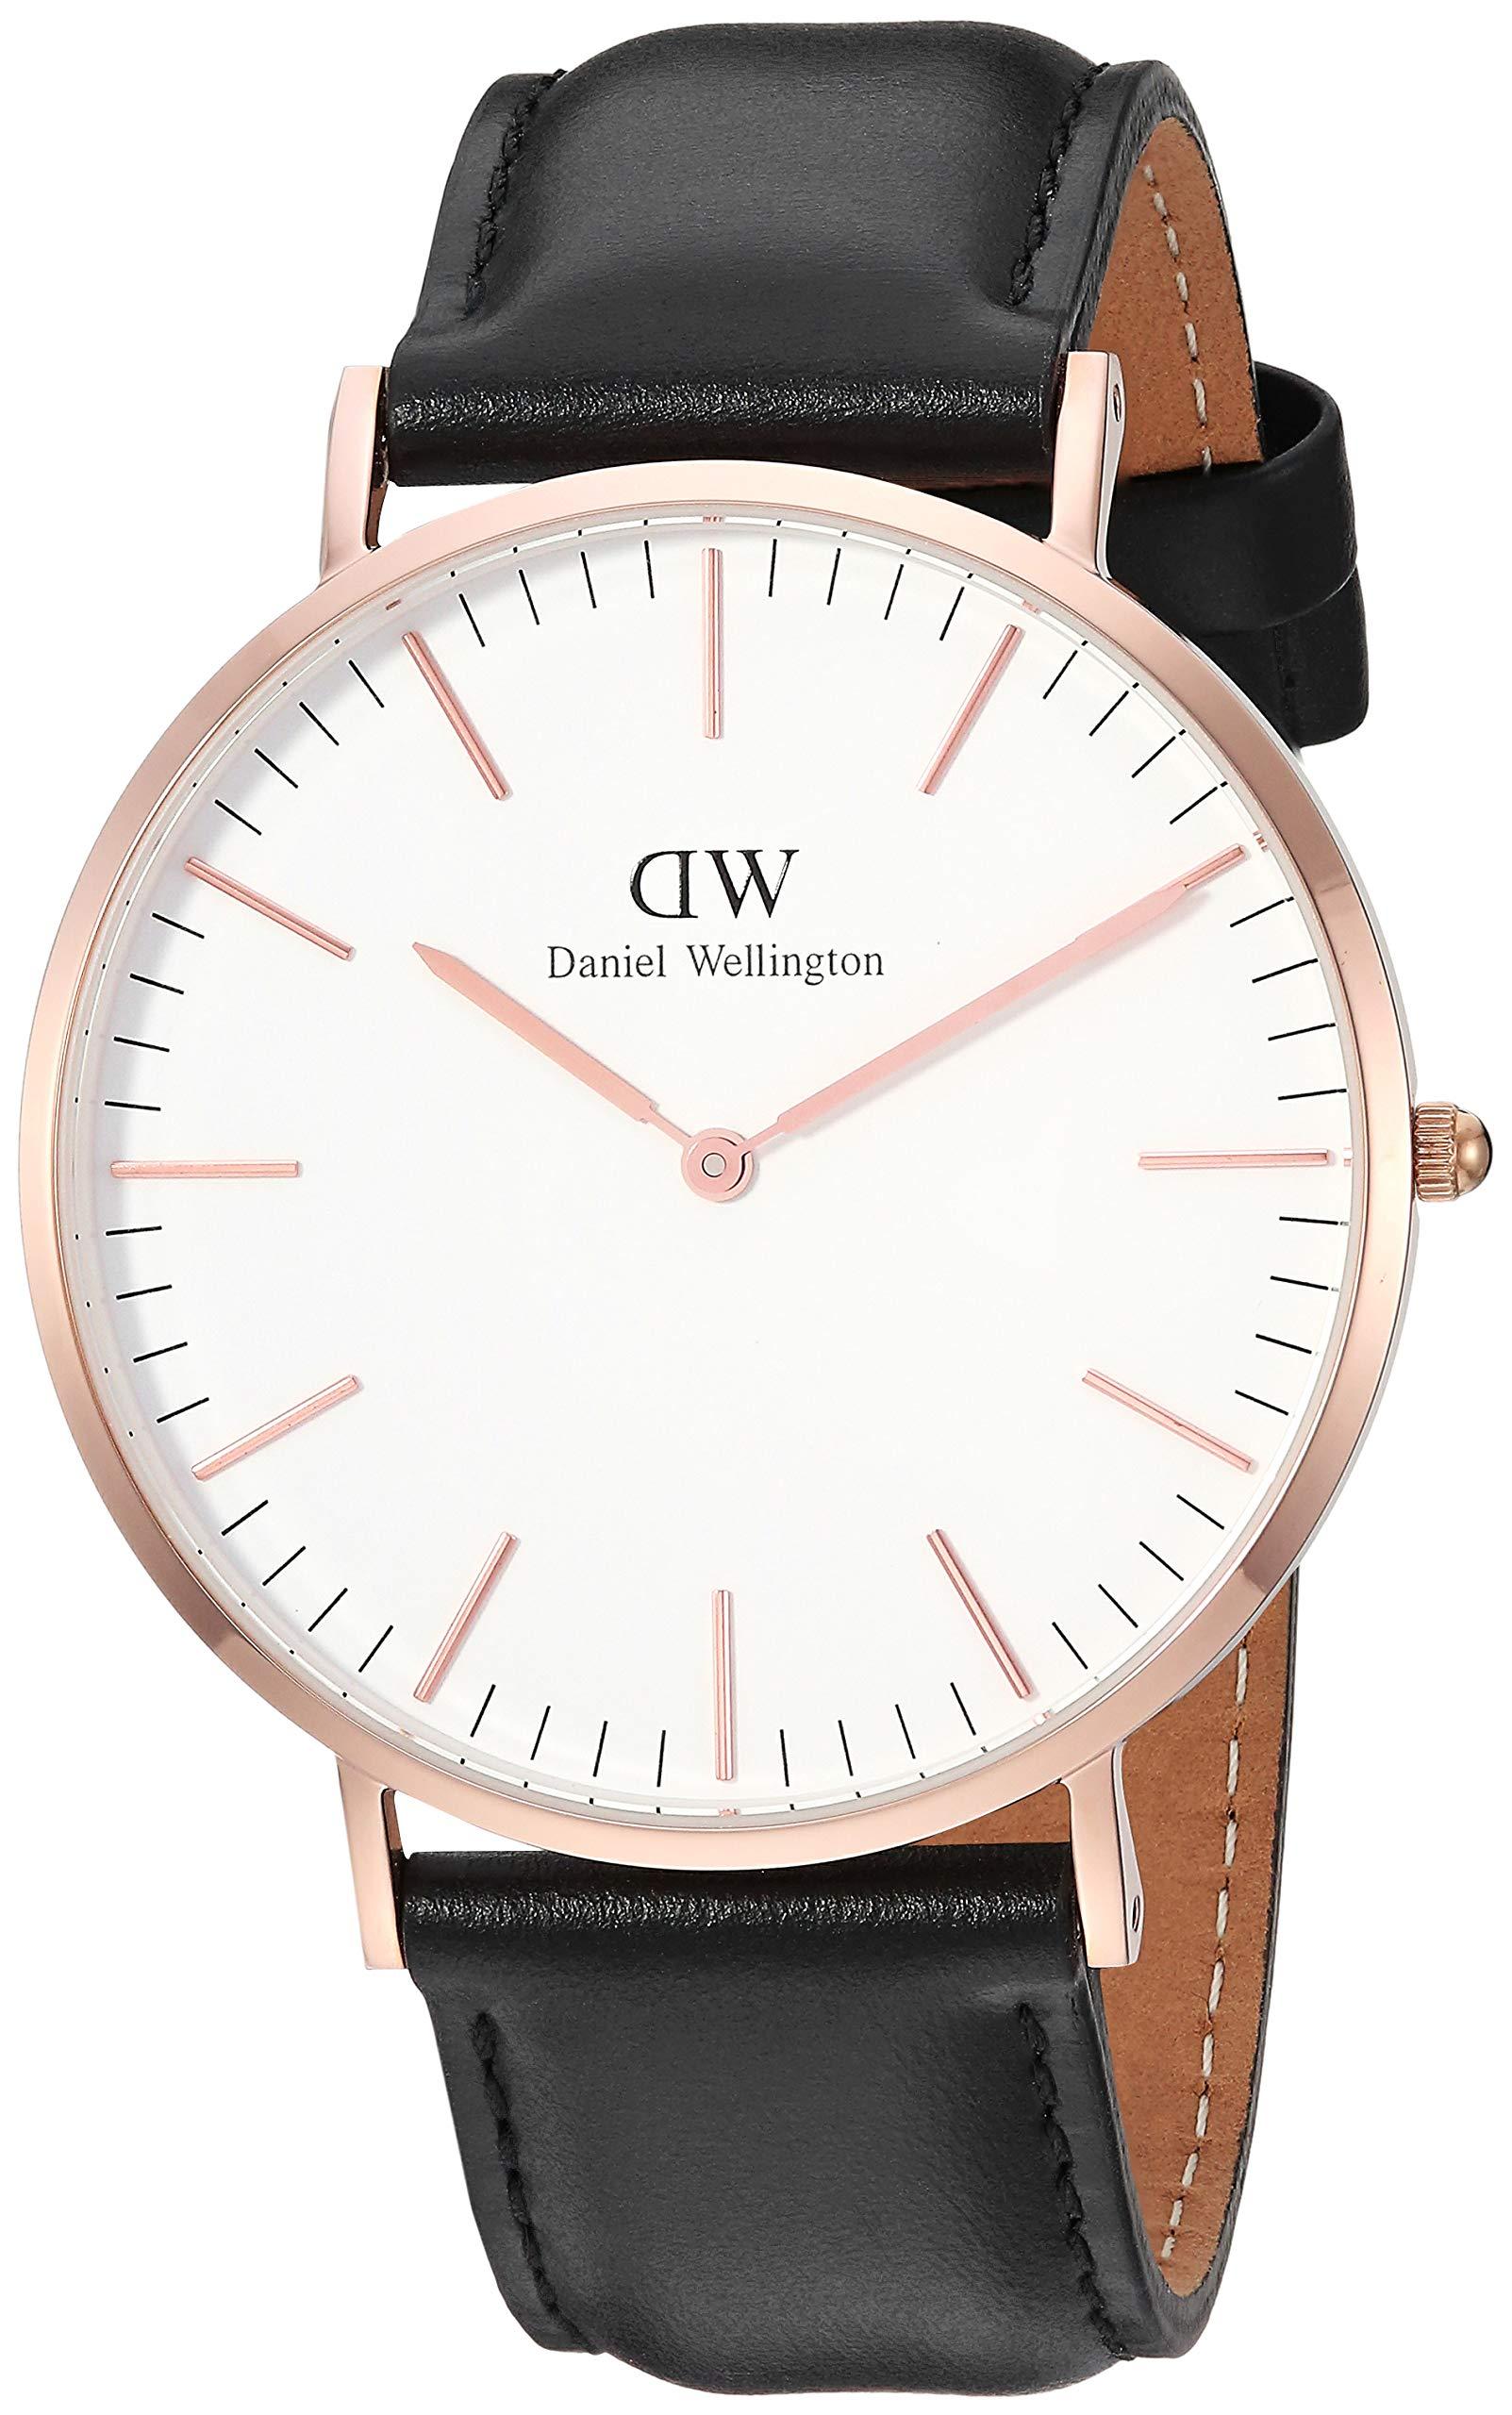 81xRTzja4SL - Daniel Wellington Reloj Analógico para Hombre de Cuarzo con Correa en Cuero DW00500002